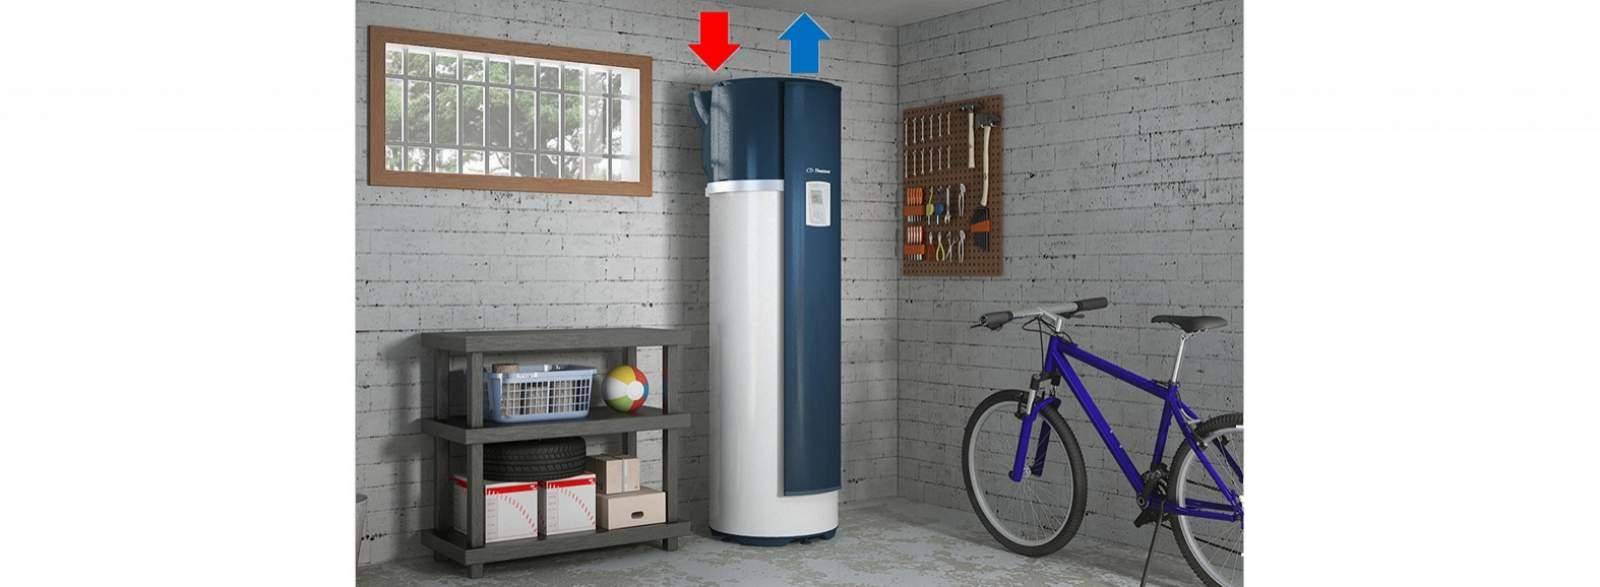 Installation de chauffe eau thermodynamique blagnac artisan sp cialis en pompe chaleur brax - Chauffe eau thermodynamique installation ...